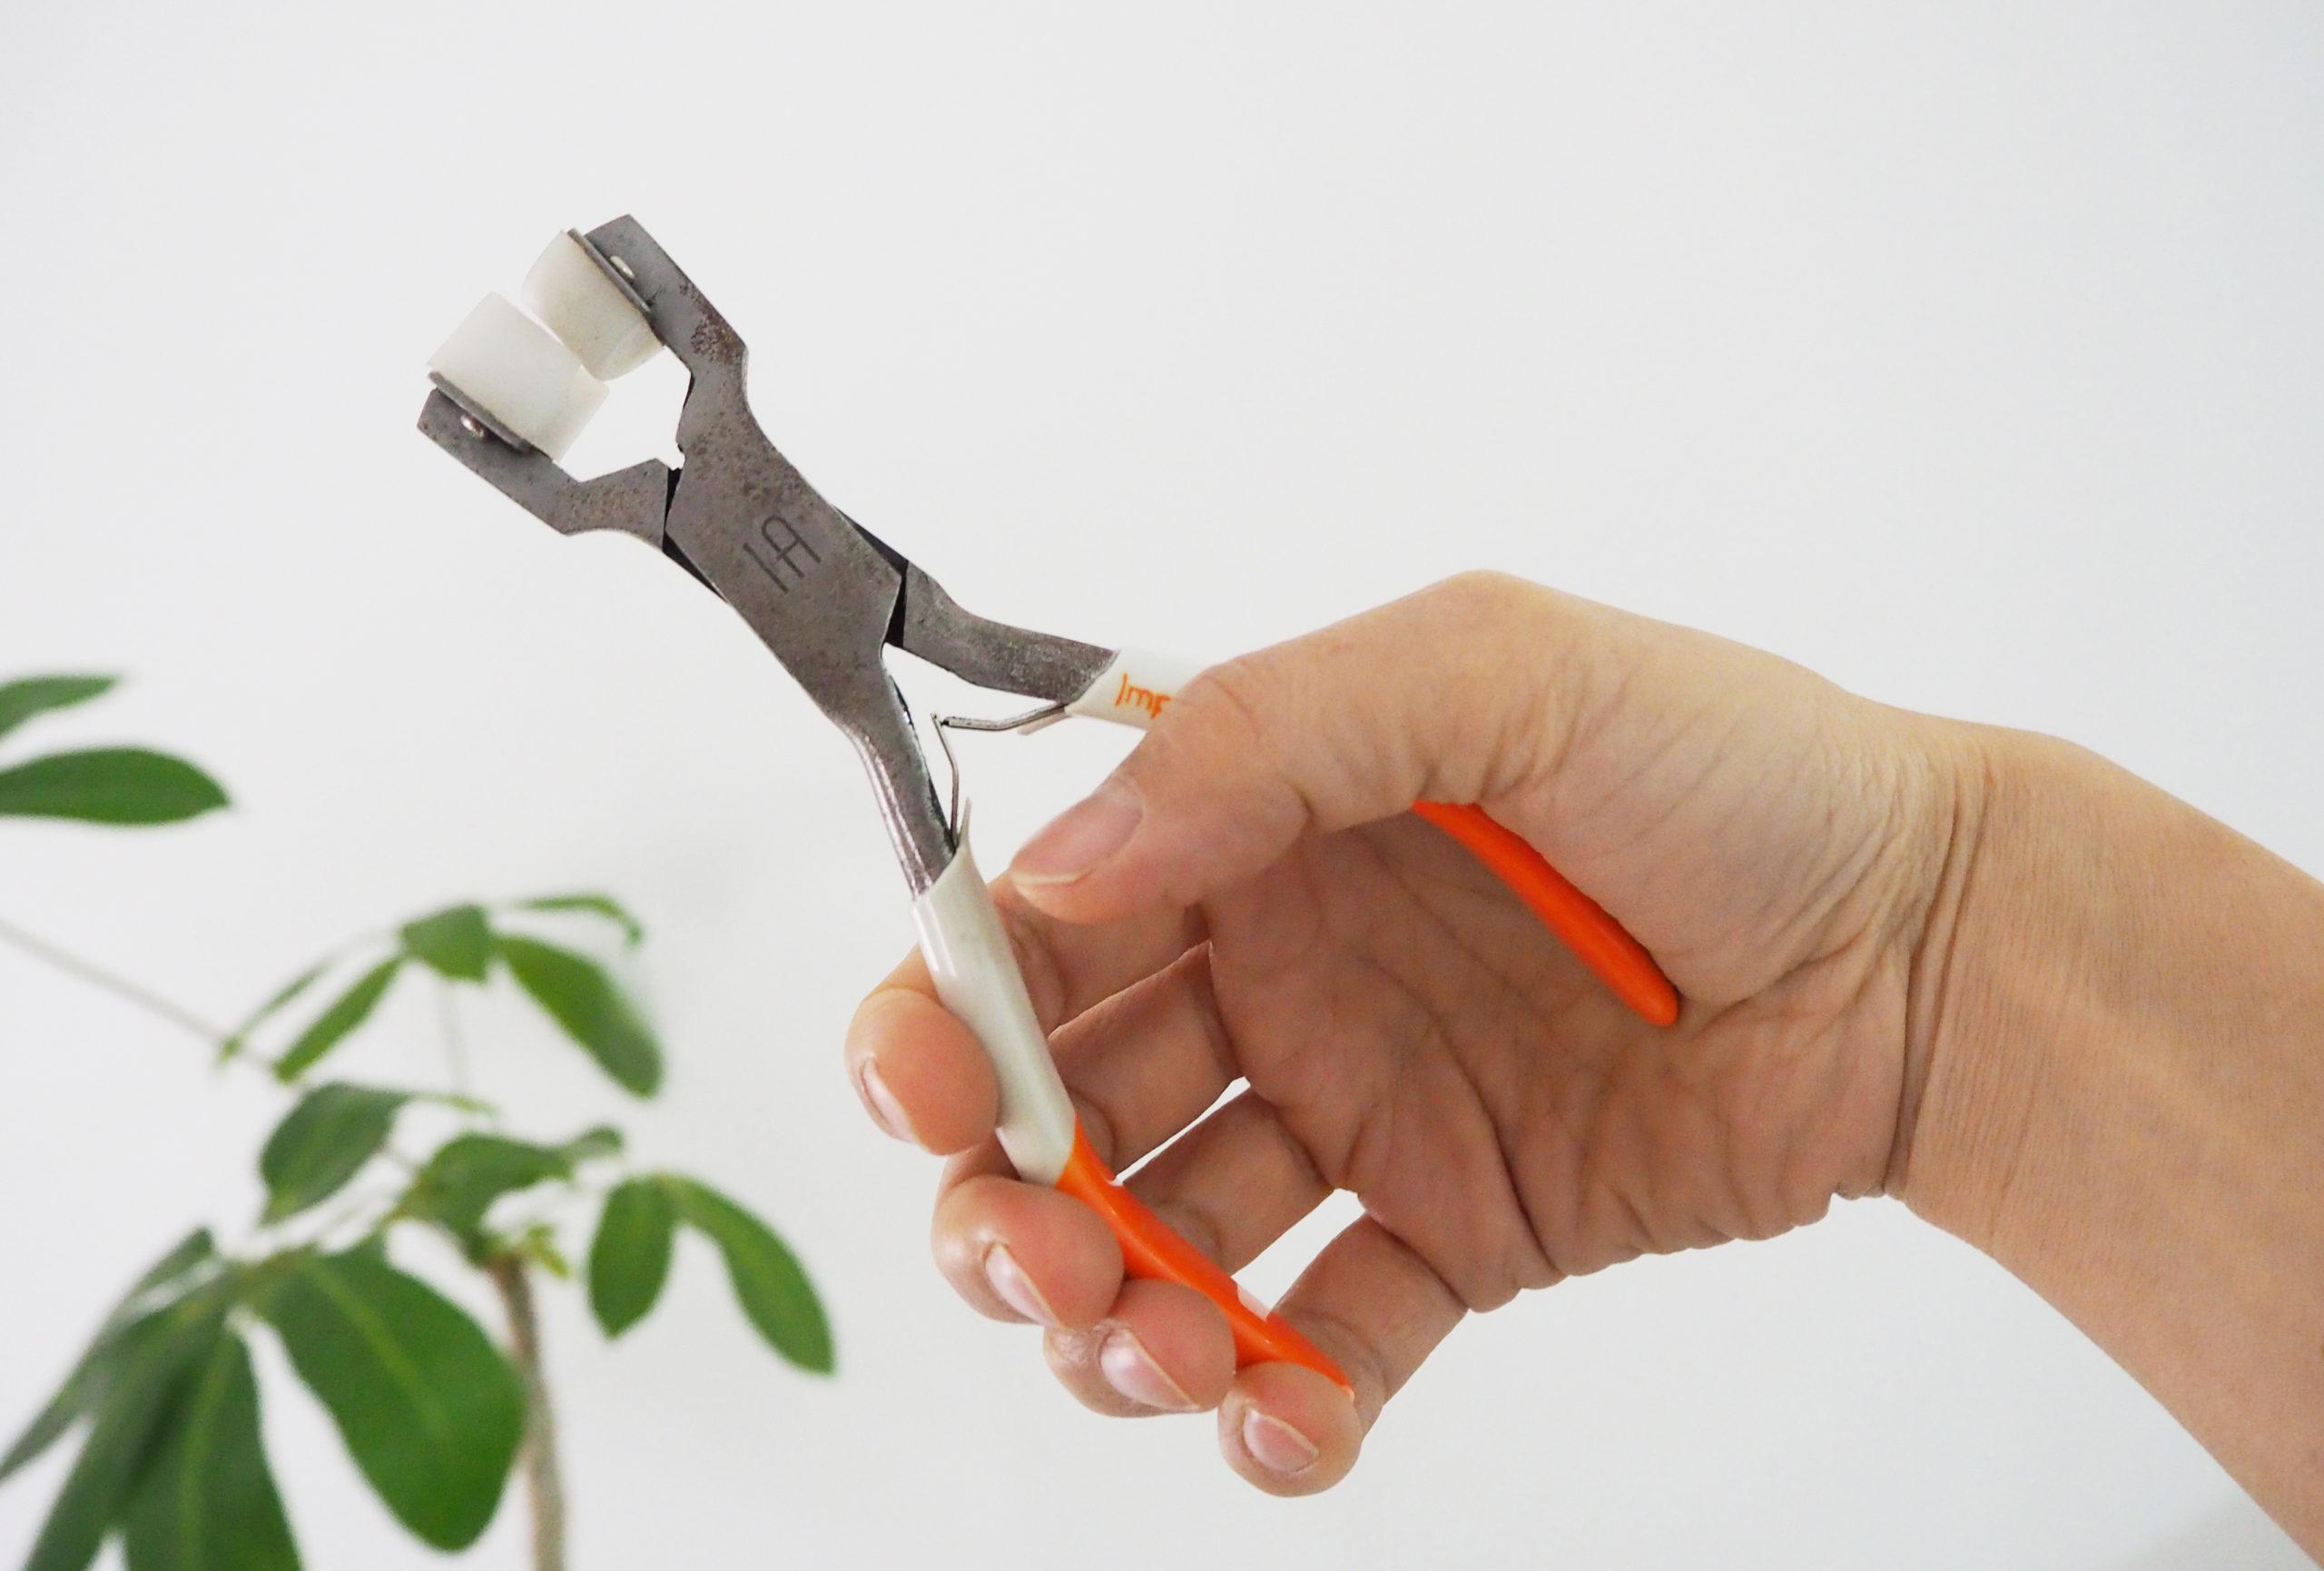 結婚指輪を手作りするときに使用する工具(プライヤー)